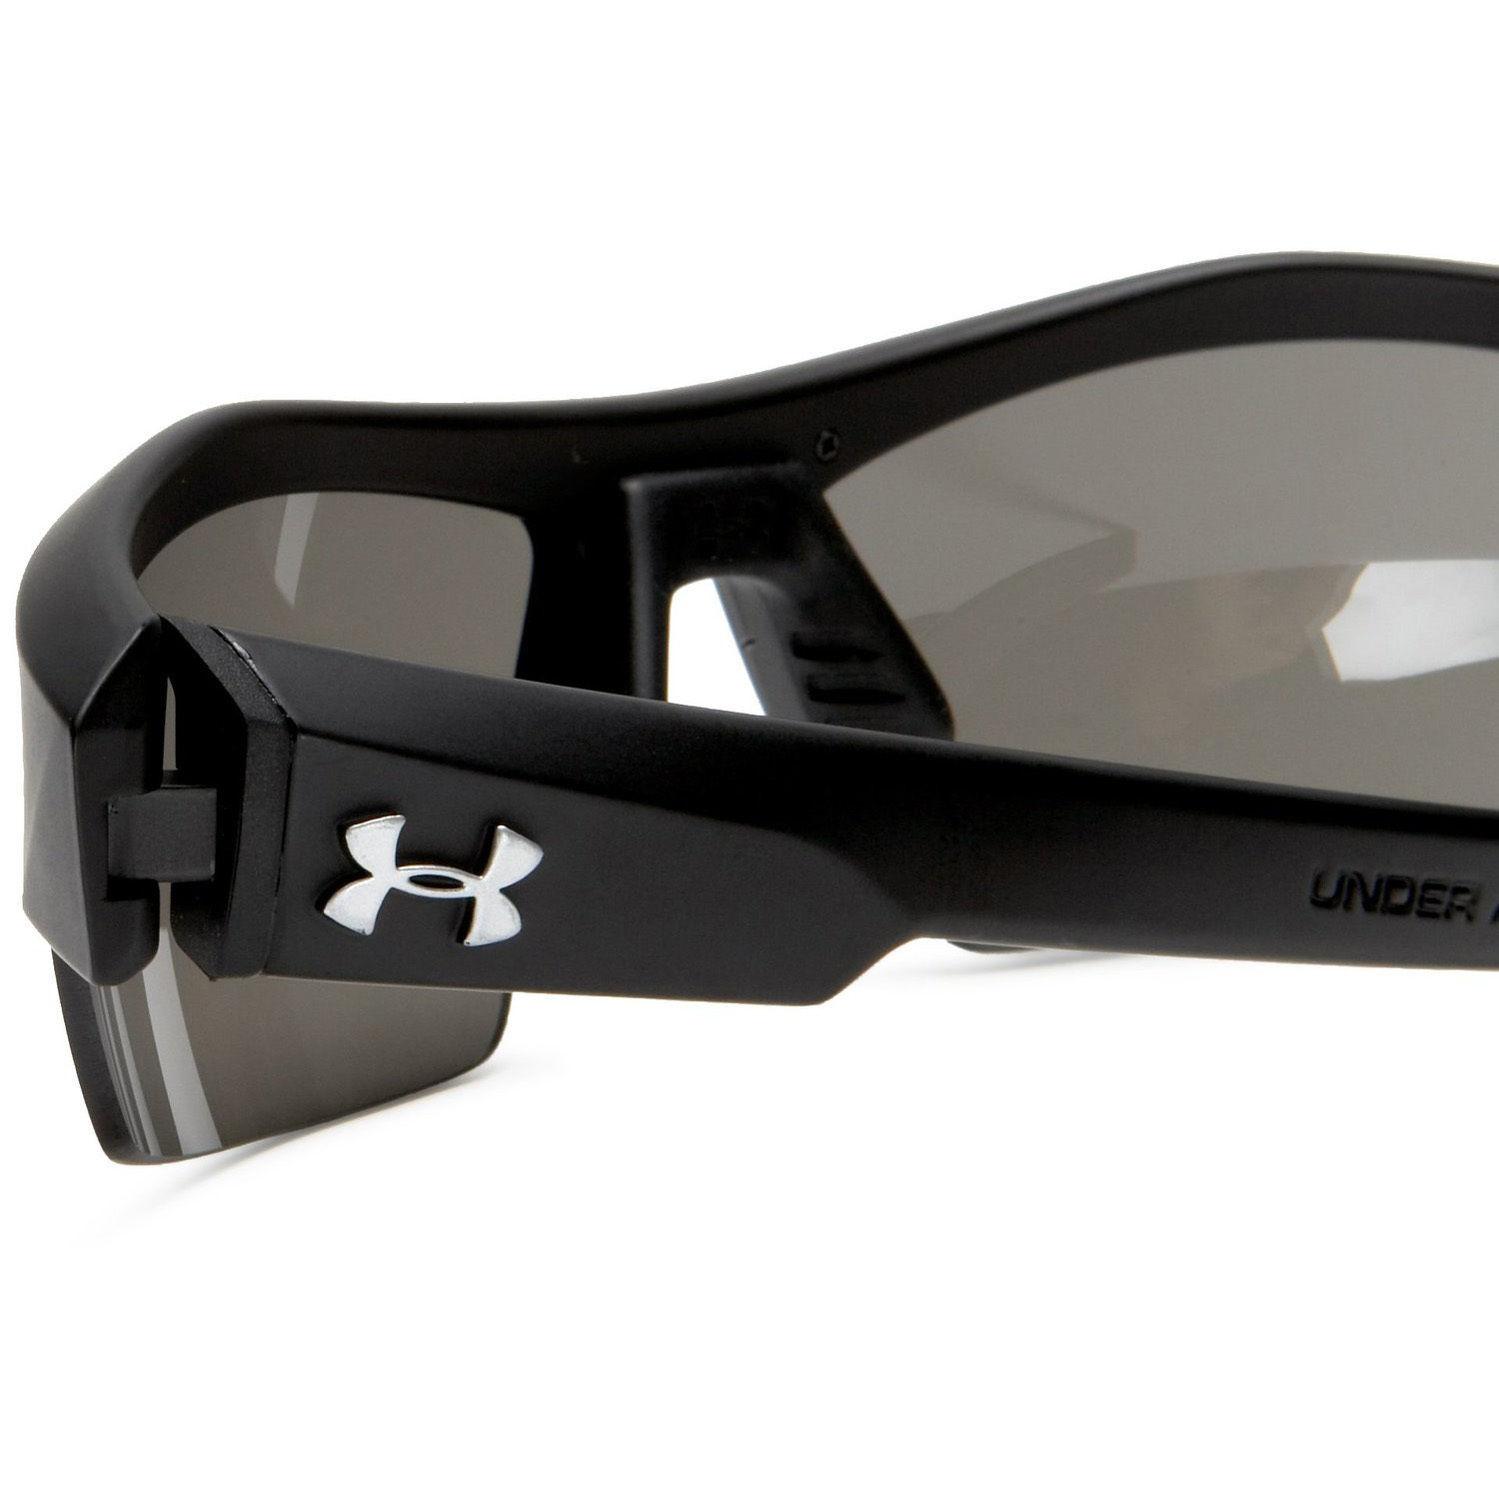 d1324ed659 Under Armour UA Igniter Satin Black Frame Gray Multi Lens Men s Sport  Sunglasses